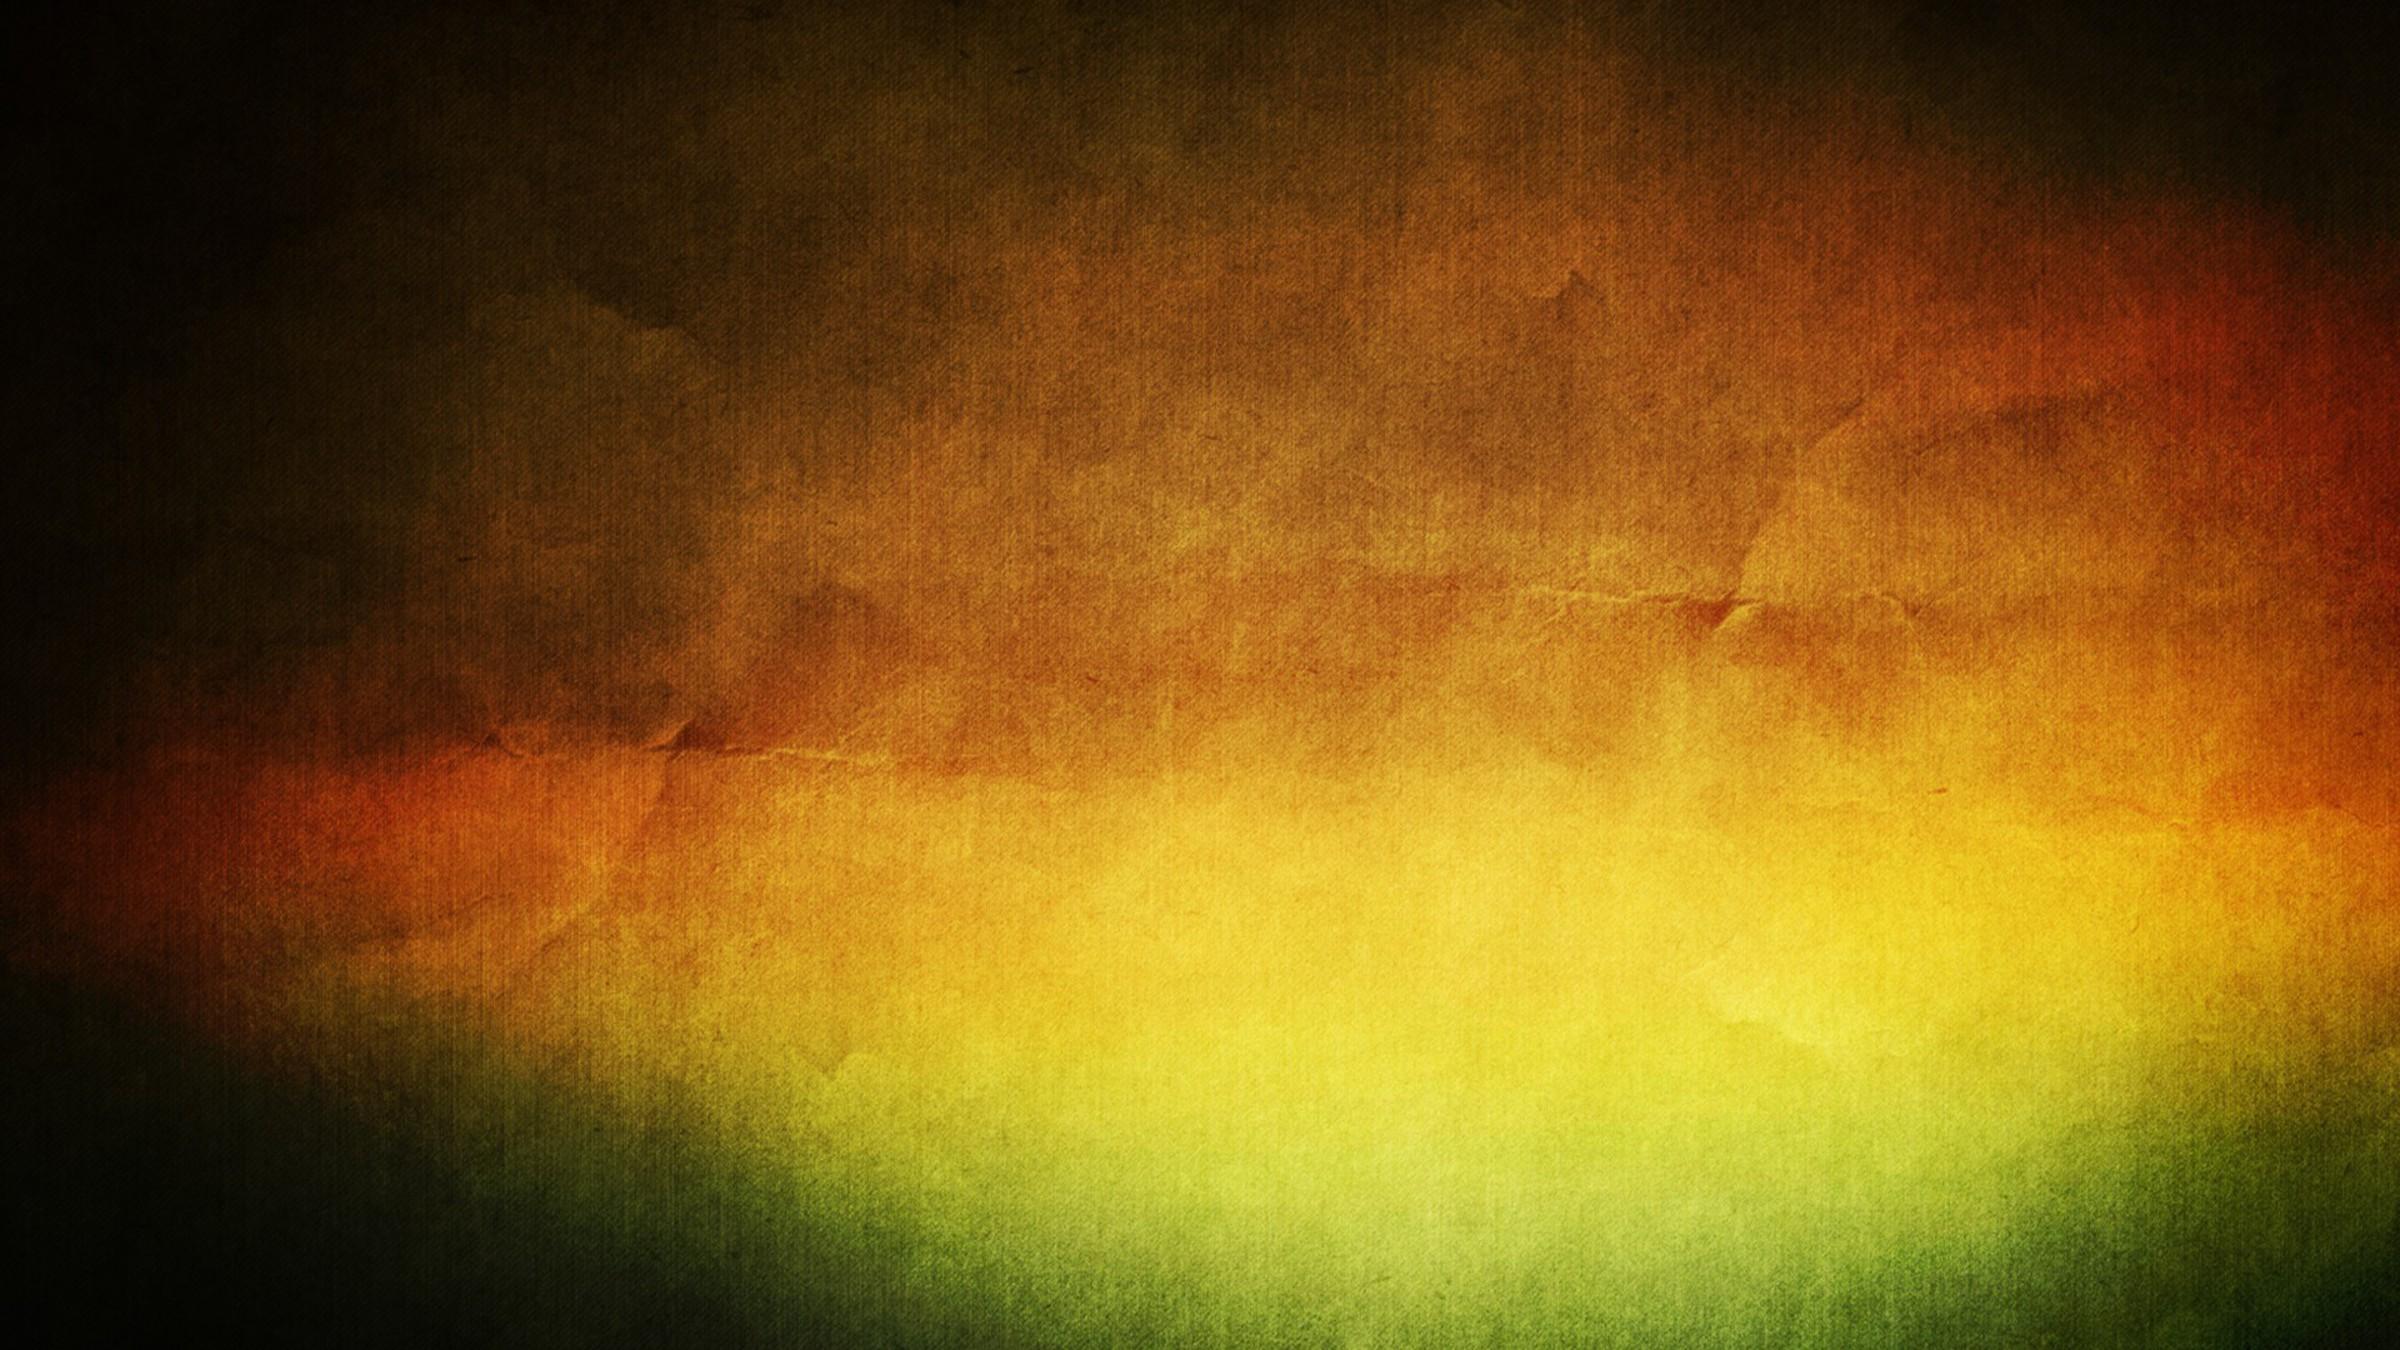 بالصور خلفية صفراء , الاصفر هو الافضل لخلفياتك 1818 9